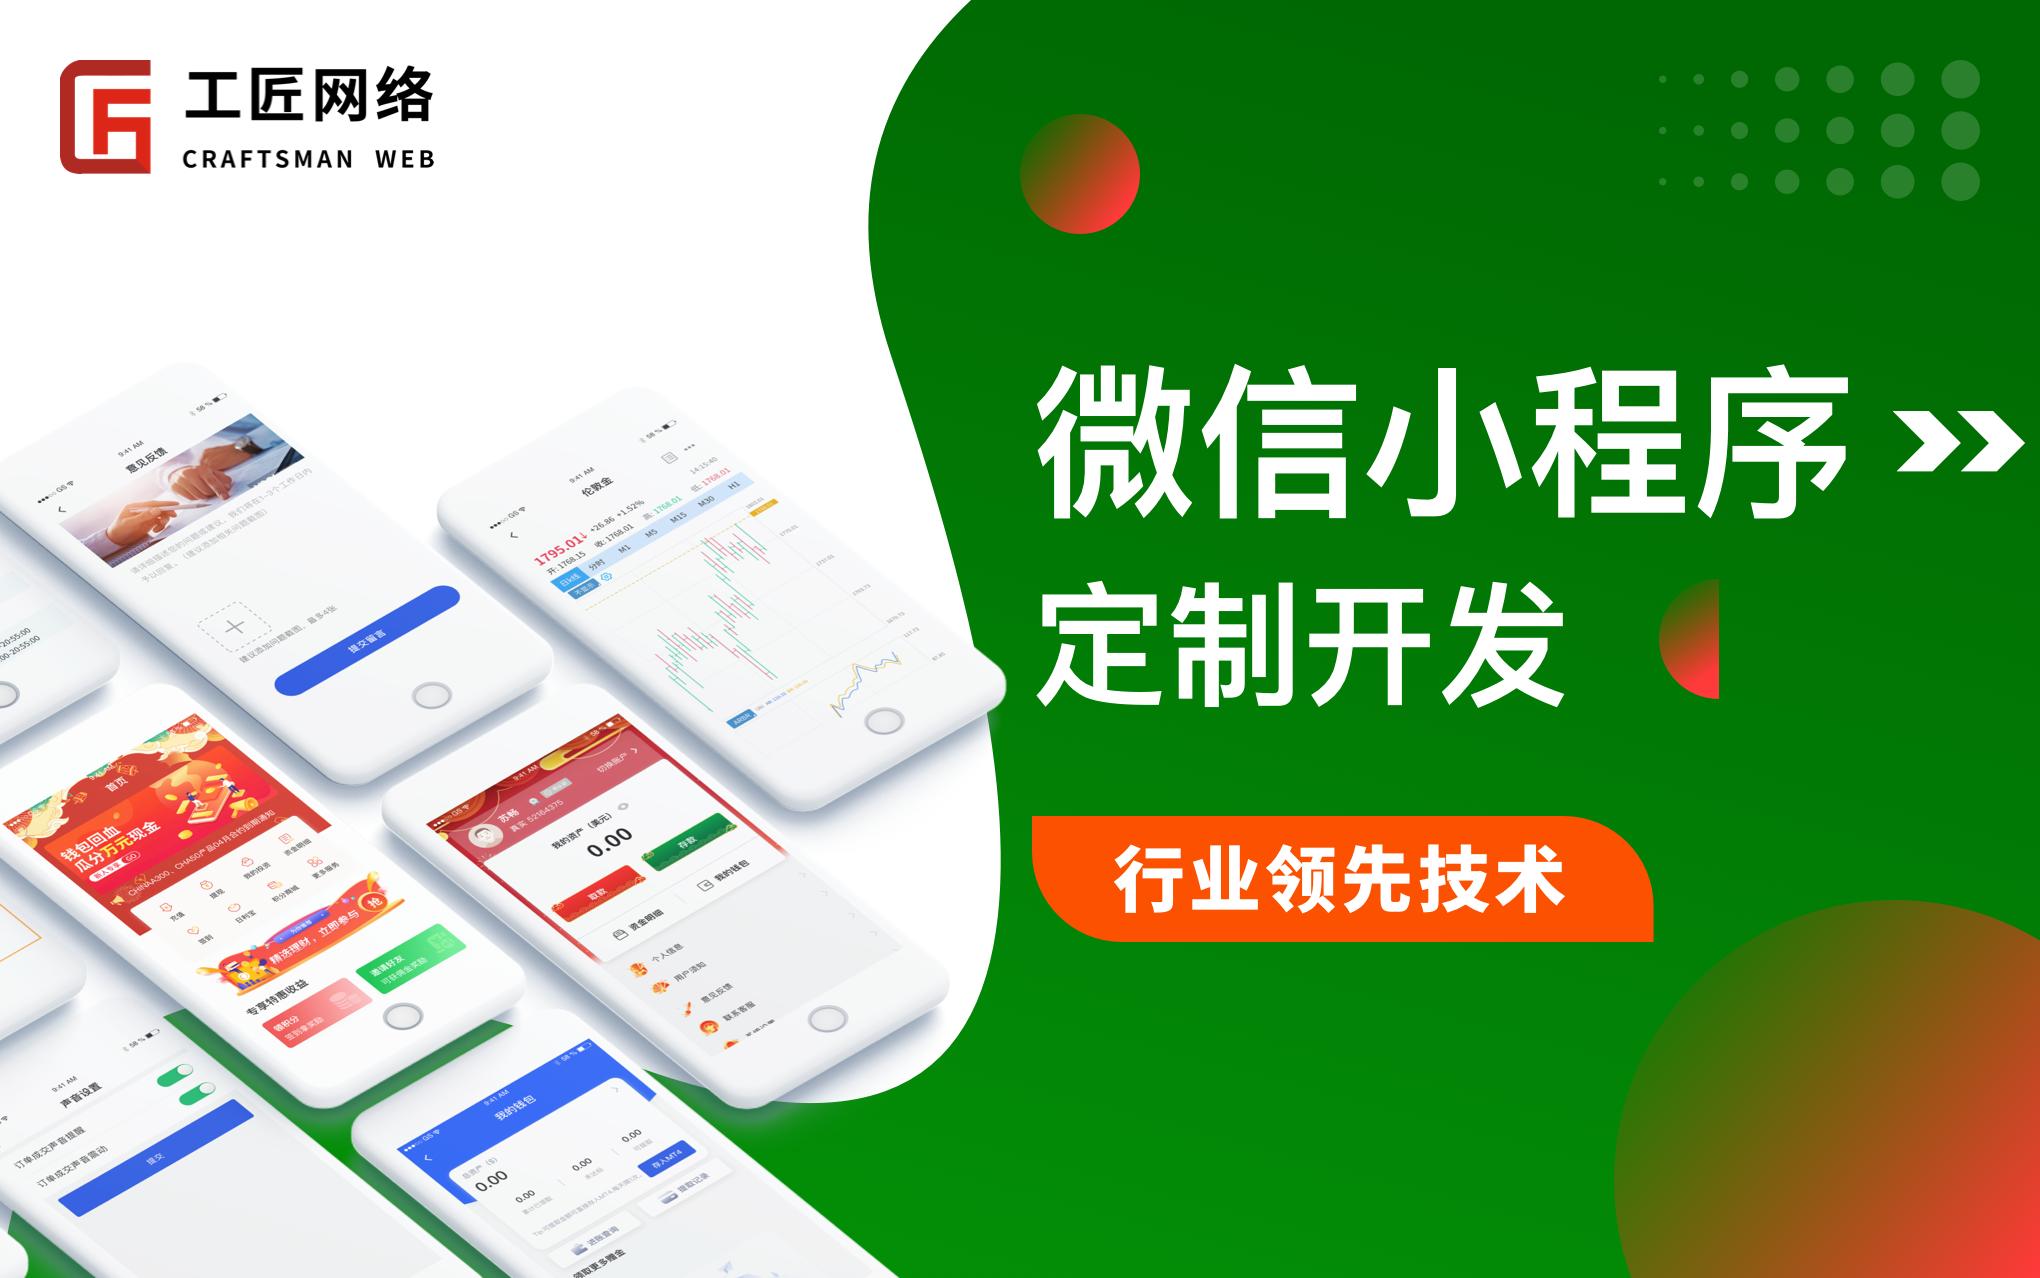 【企业网站】高端h5自适应网站开发网站建设网页设计网站定制